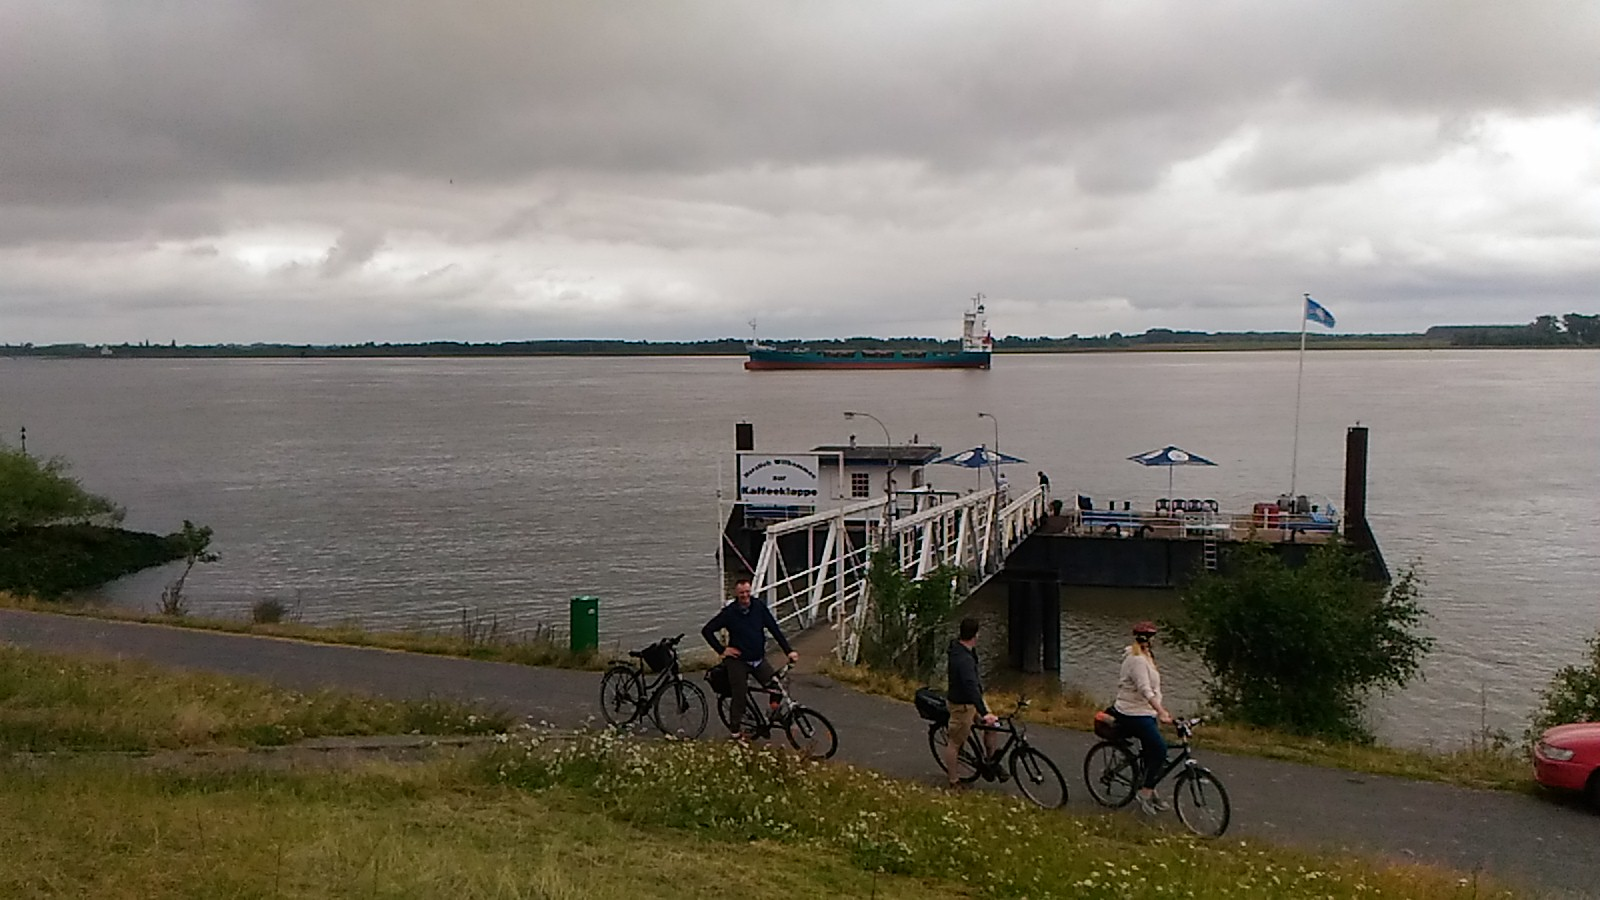 Lietus un nomākušās debesis ir diezgan tipiska parādība un jo īpaši brīvdienās, kad dodamies ar riteņiem :)